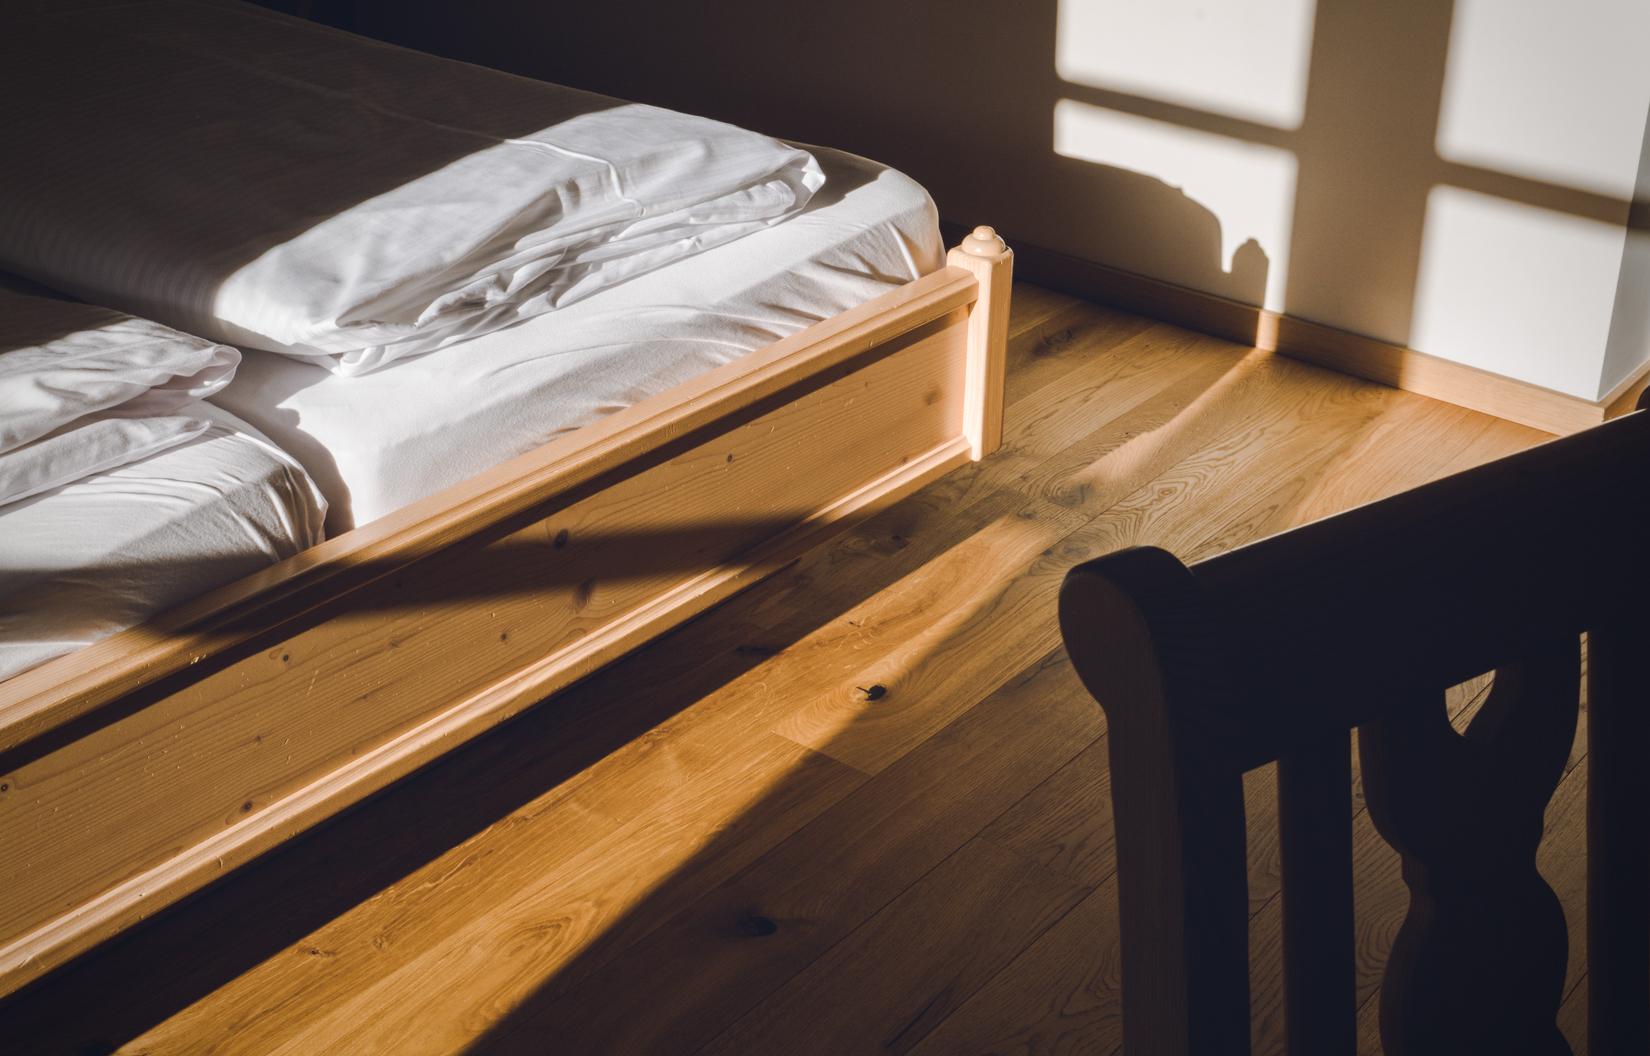 Design Doppelzimmer Individualist. Erholung und entspannter Schlaf im Hotel Huas Jausern in Saalbach